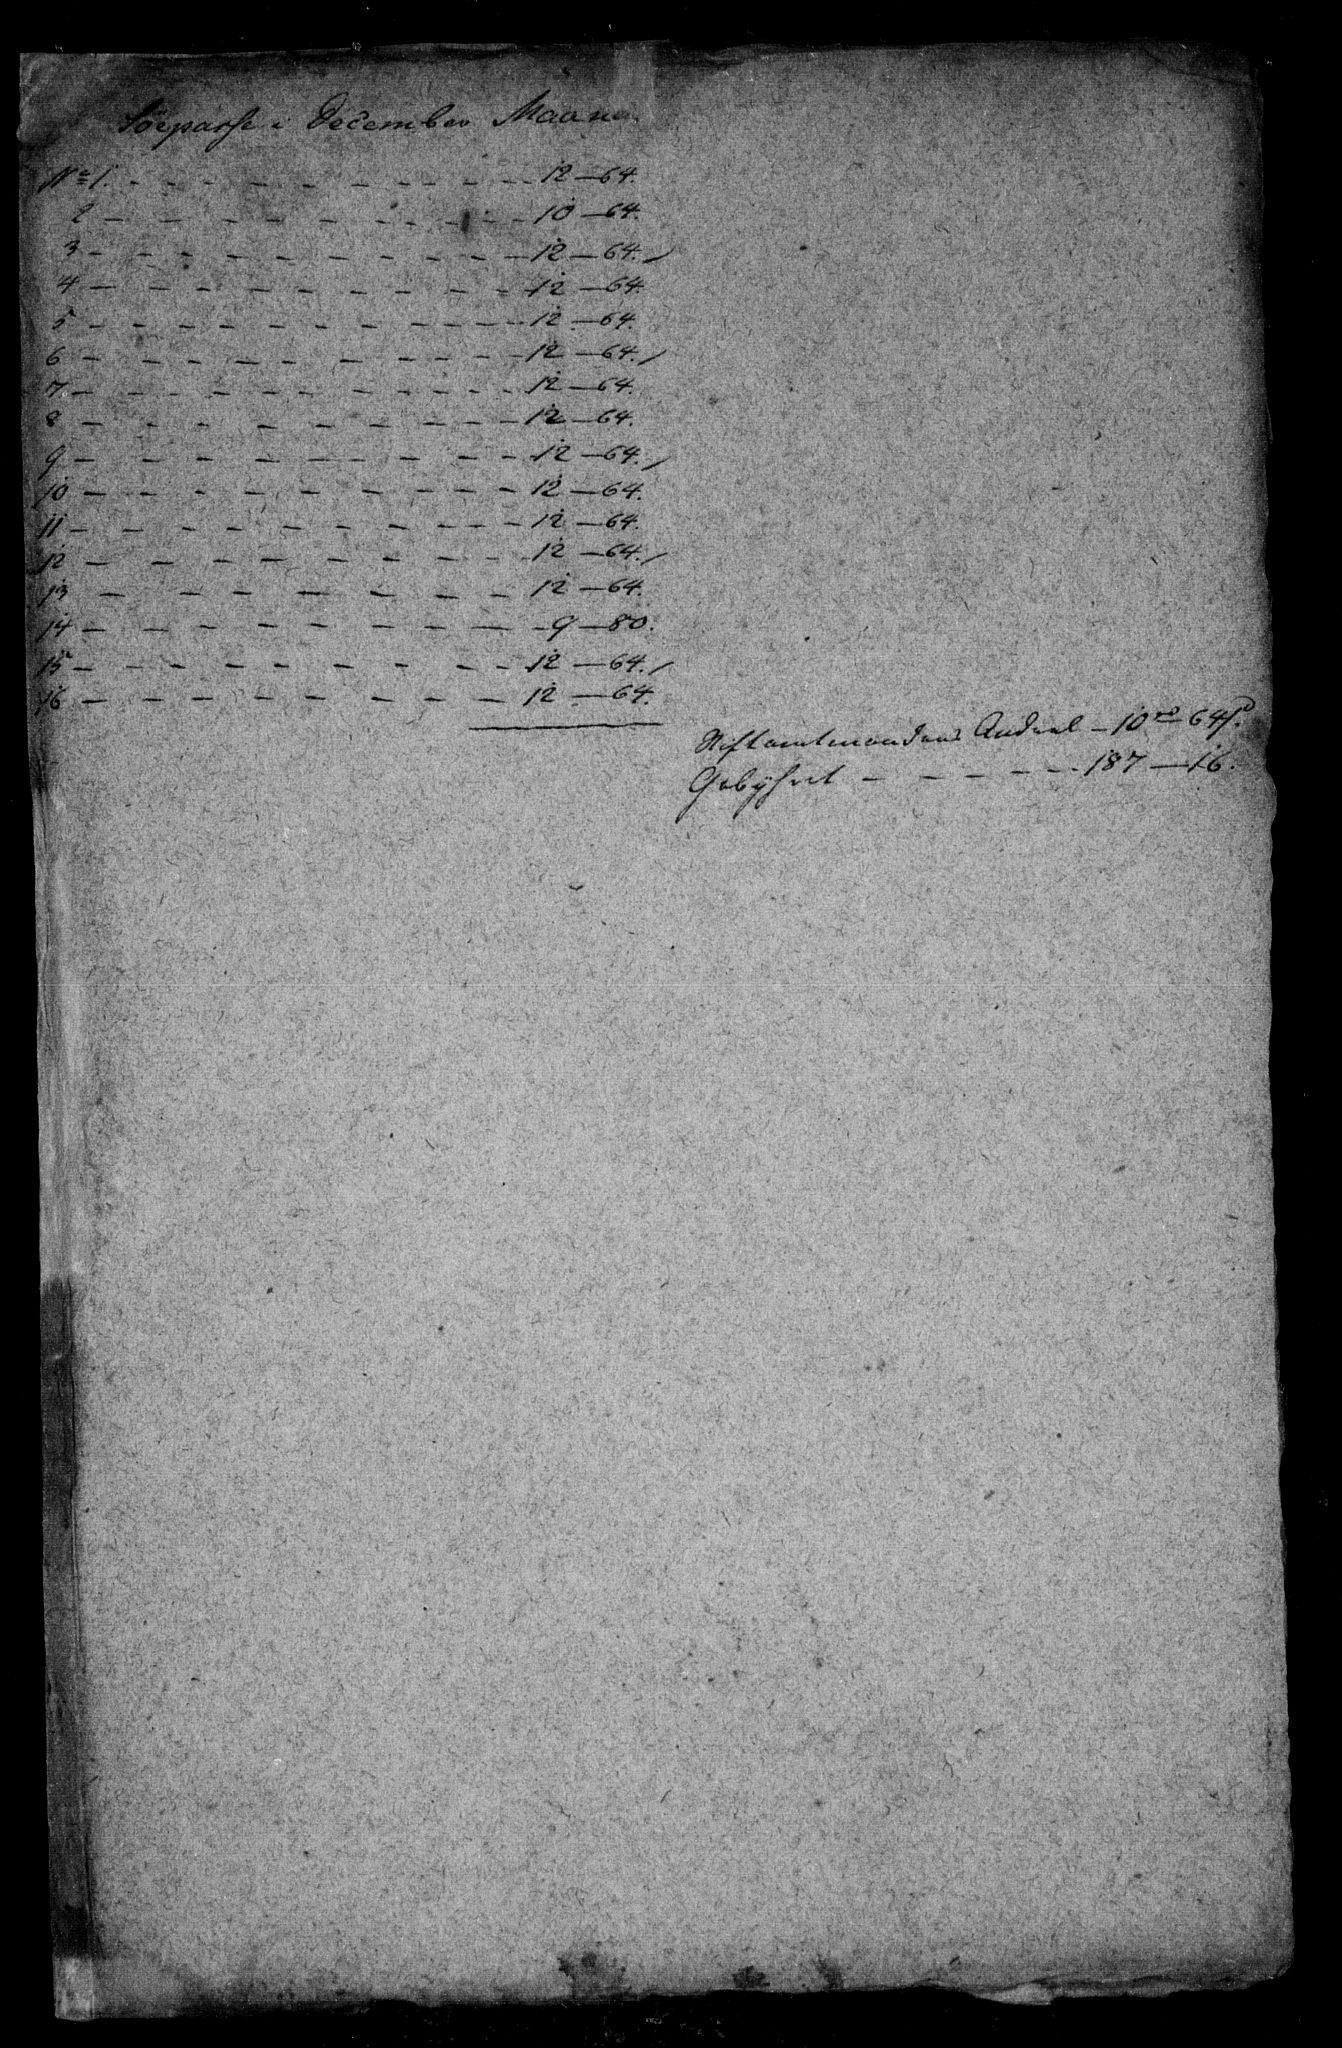 RA, Danske Kanselli, Skapsaker, F/L0052: Skap 13, pakke 2, 1809-1810, s. 360